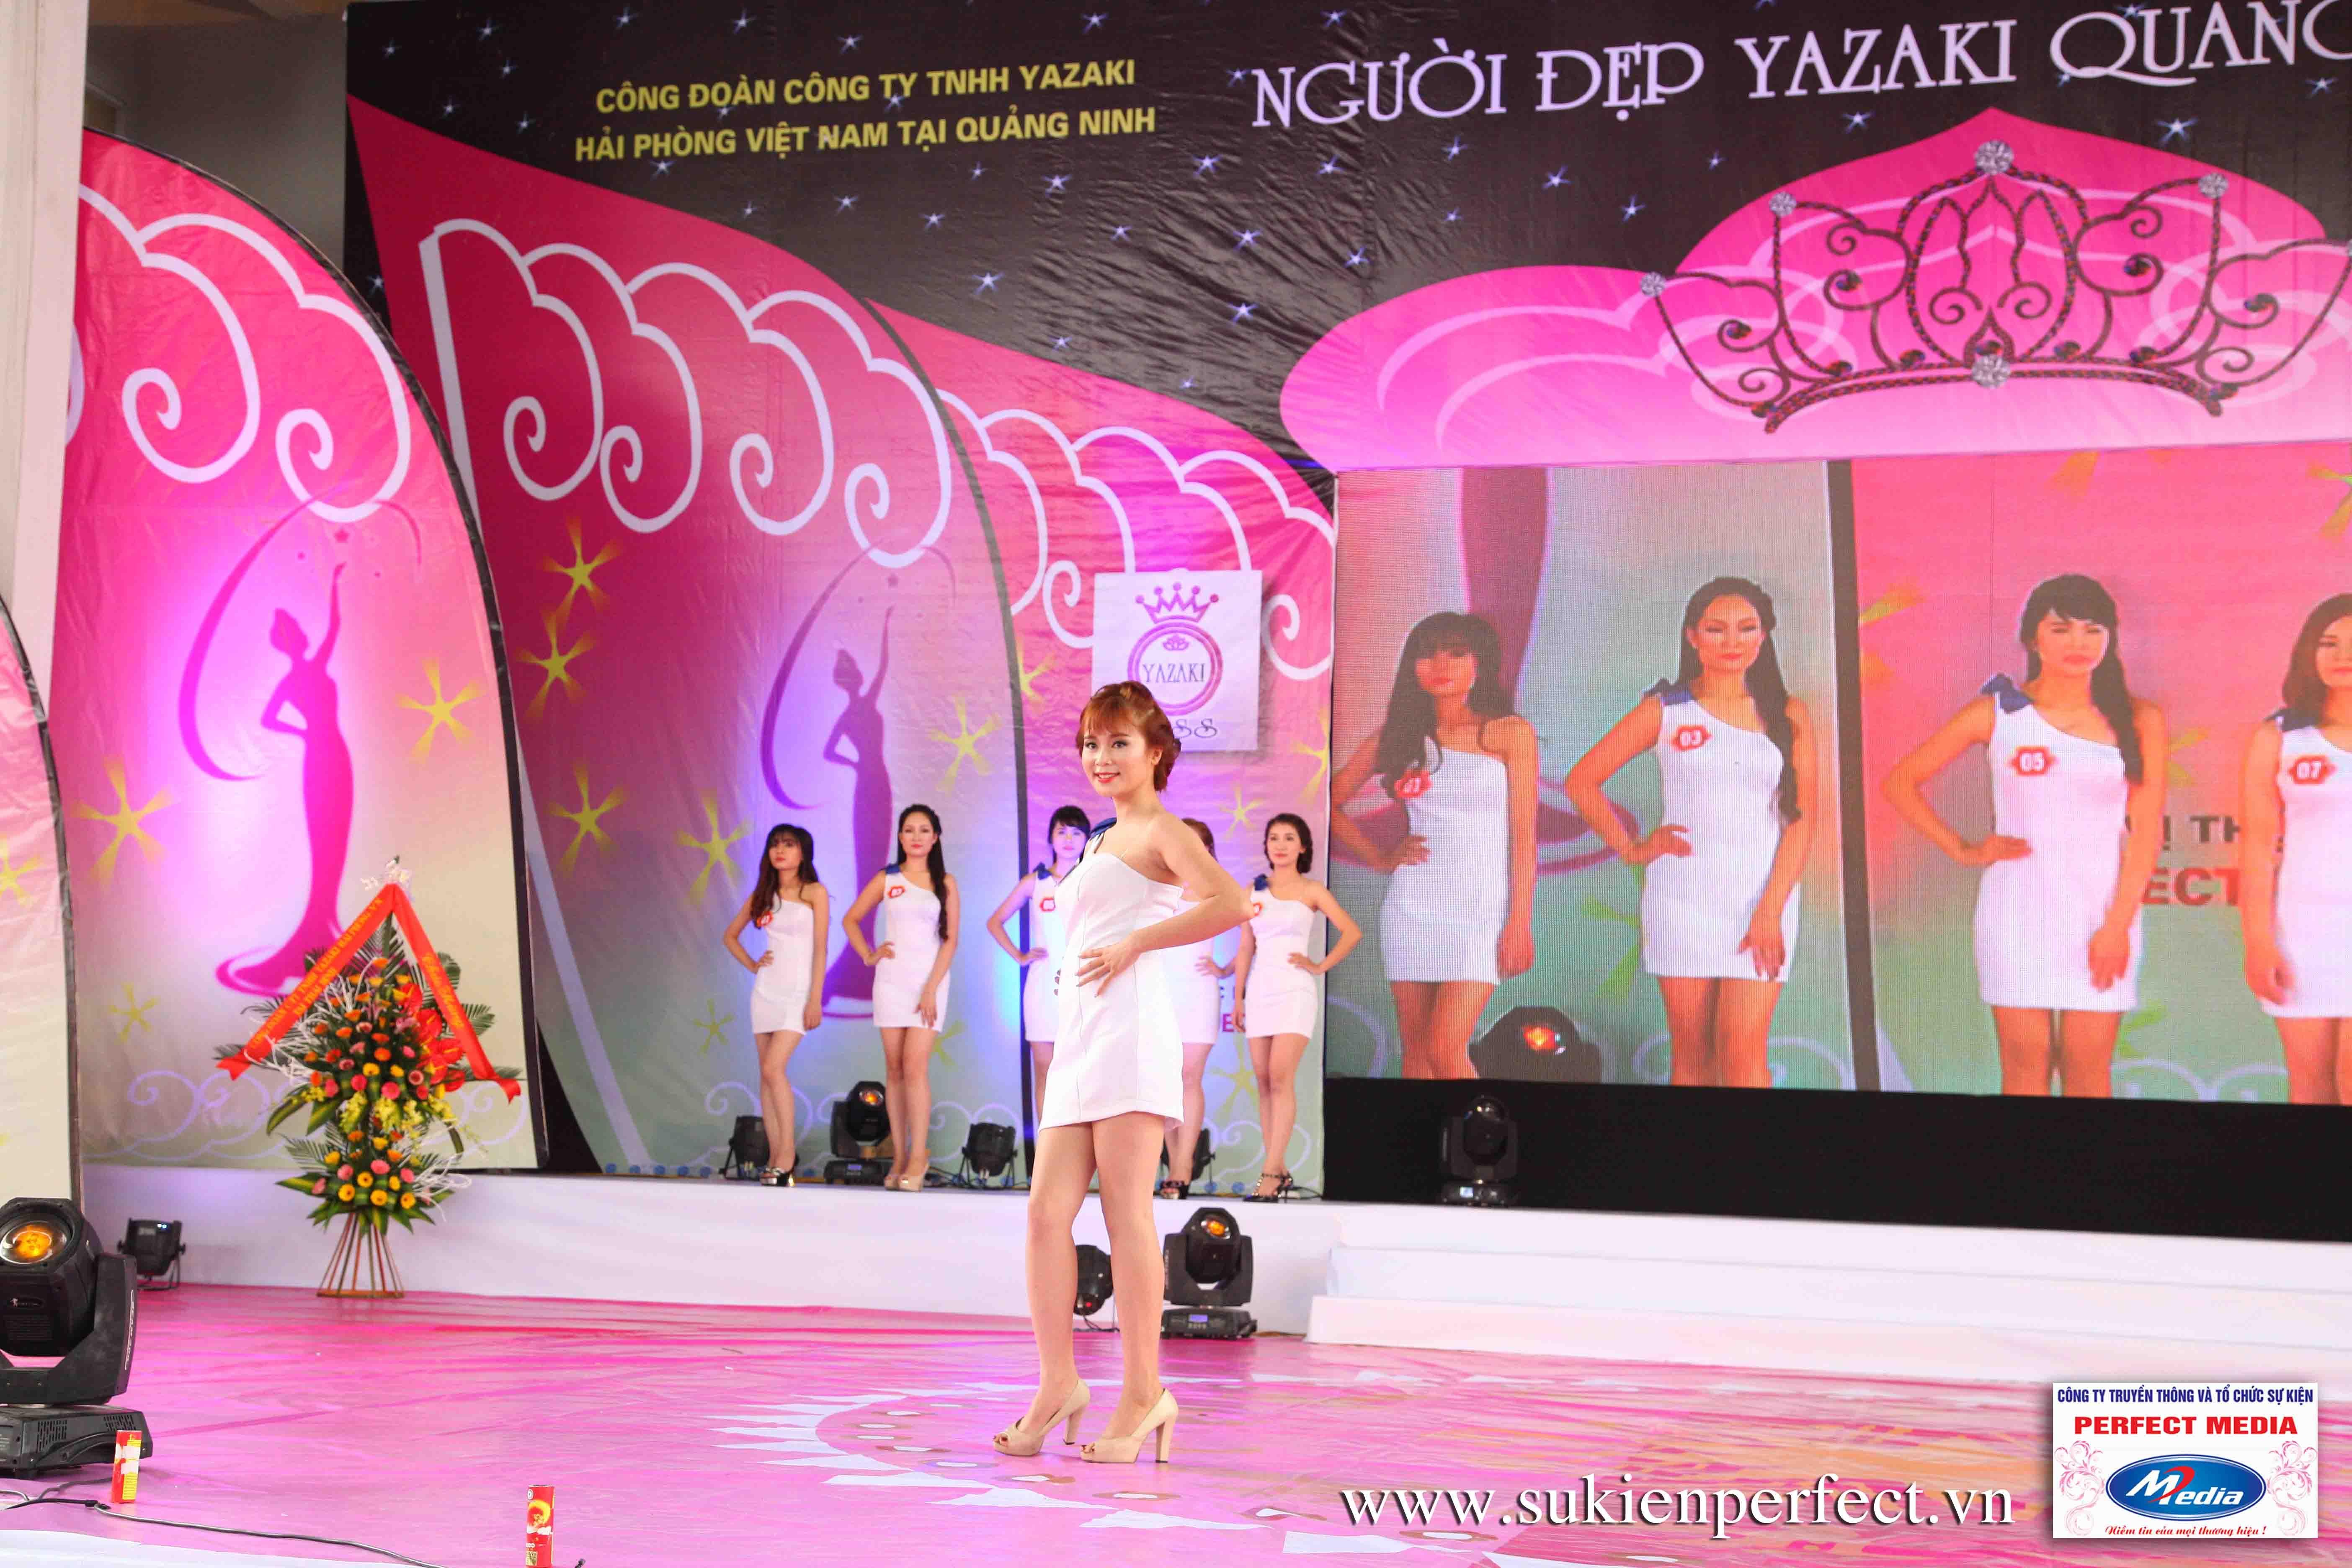 Hình ảnh các thí sinh trong cuộc thi Người đẹp Yazaki Quảng Ninh 2016 (Hình thể) 05